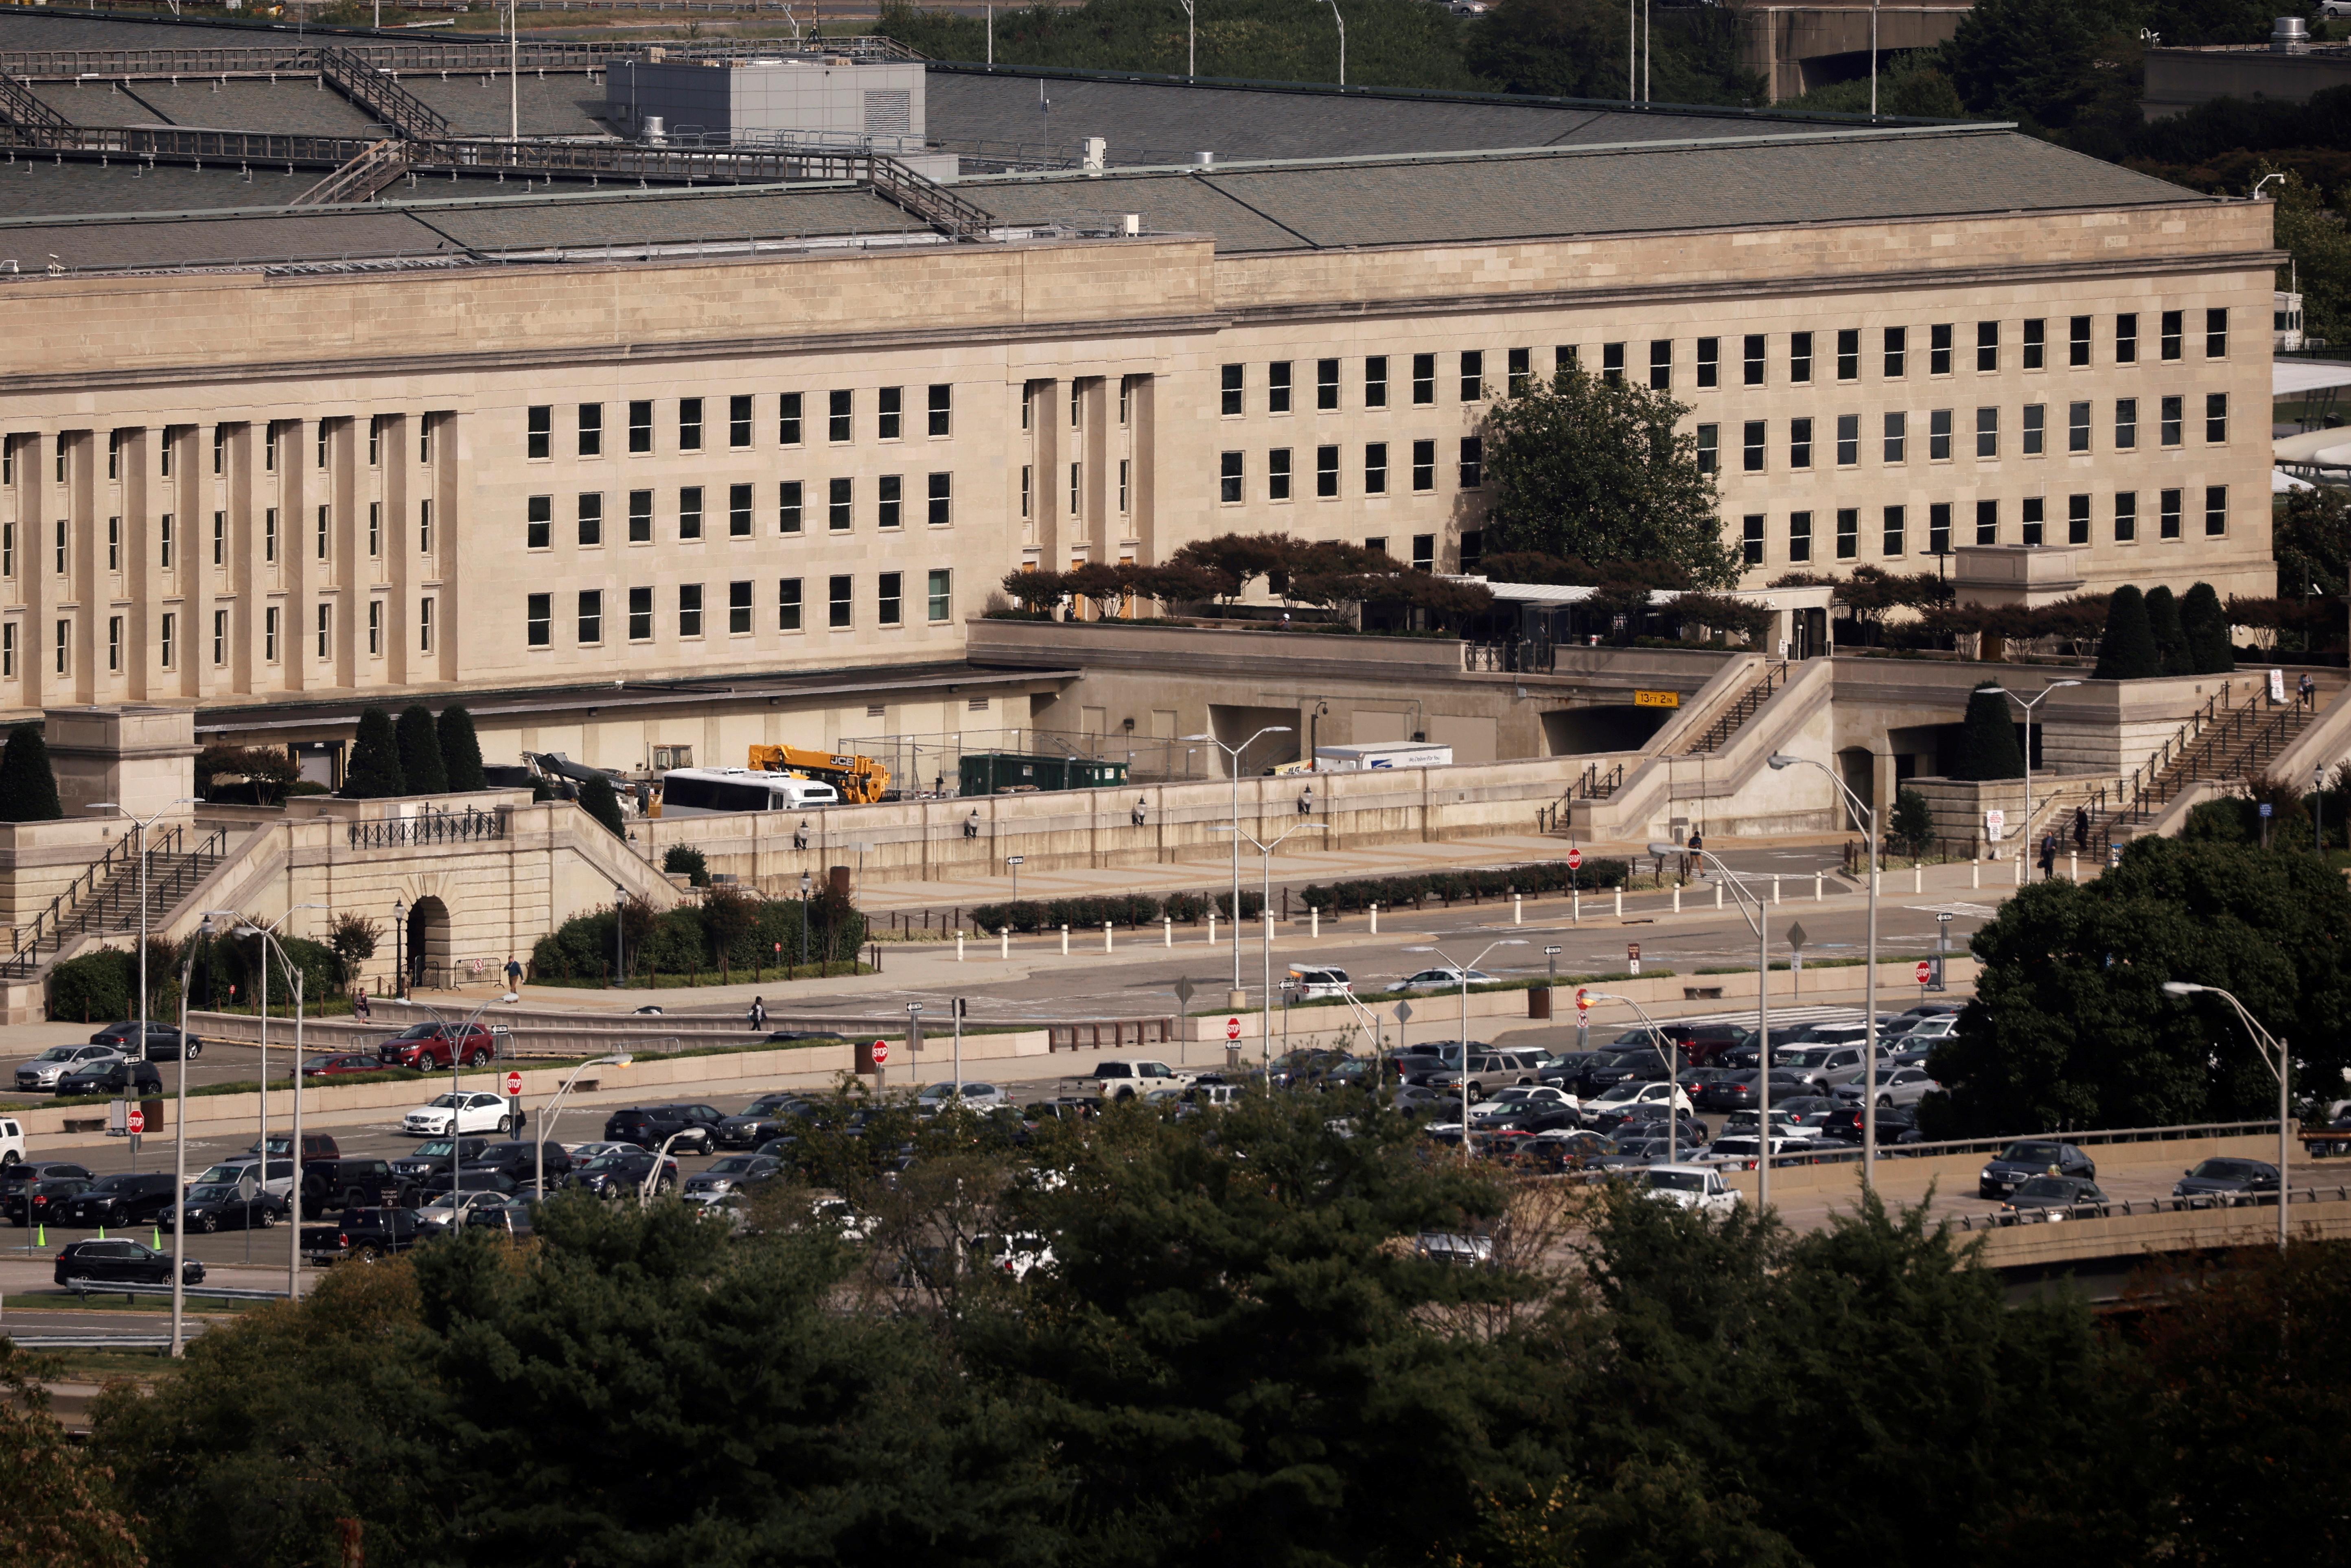 The Pentagon building is seen in Arlington, Virginia. REUTERS/Carlos Barria